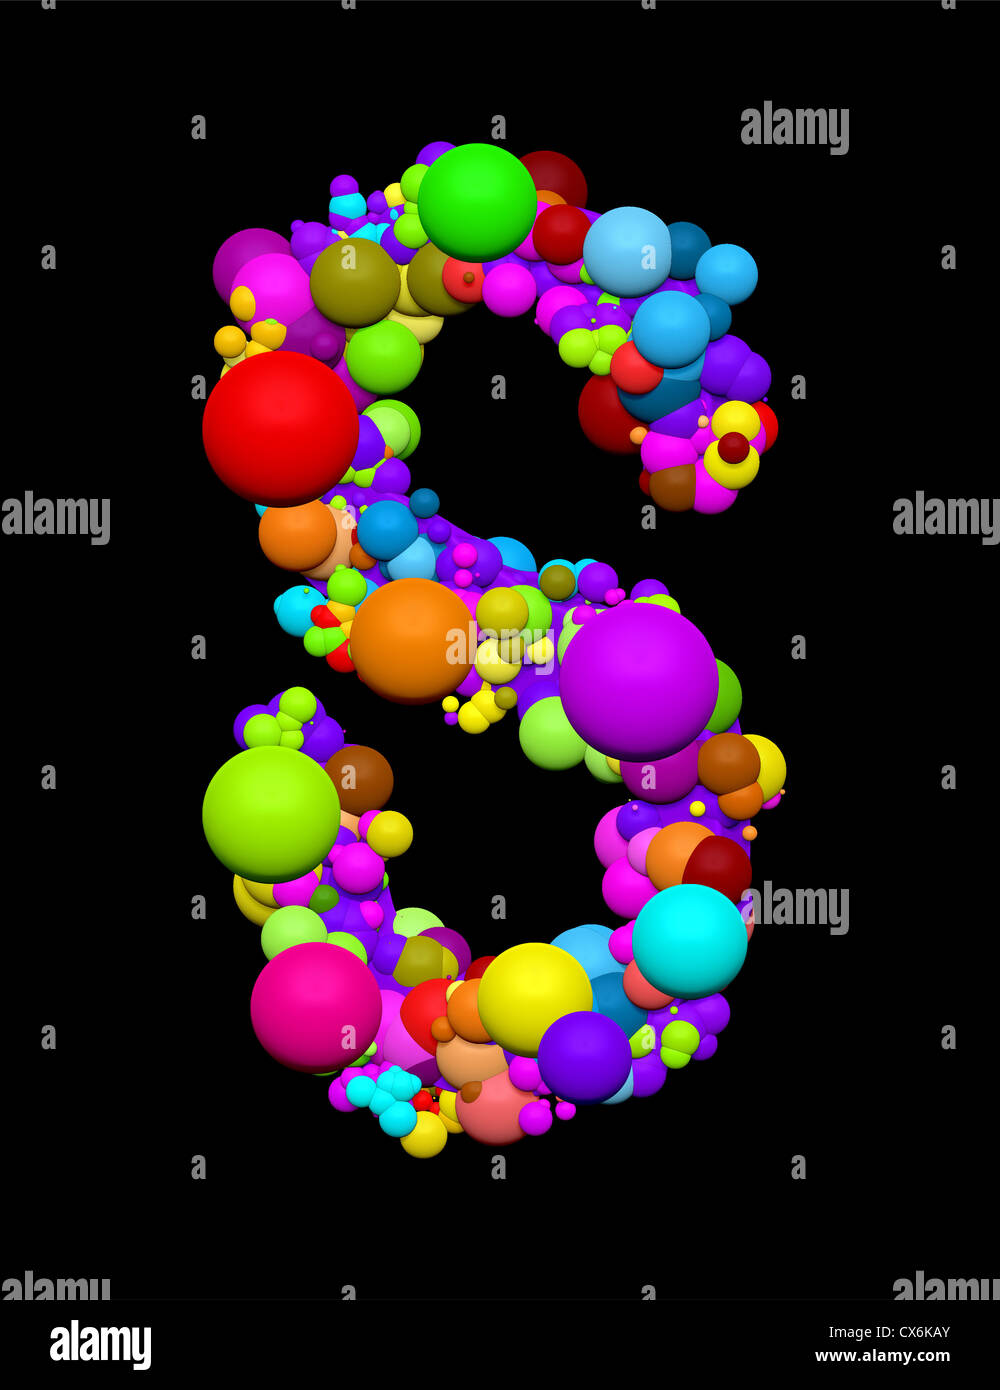 Alphabet Letter Sign Abc Symbol 3d 3d Graphics Illustration S